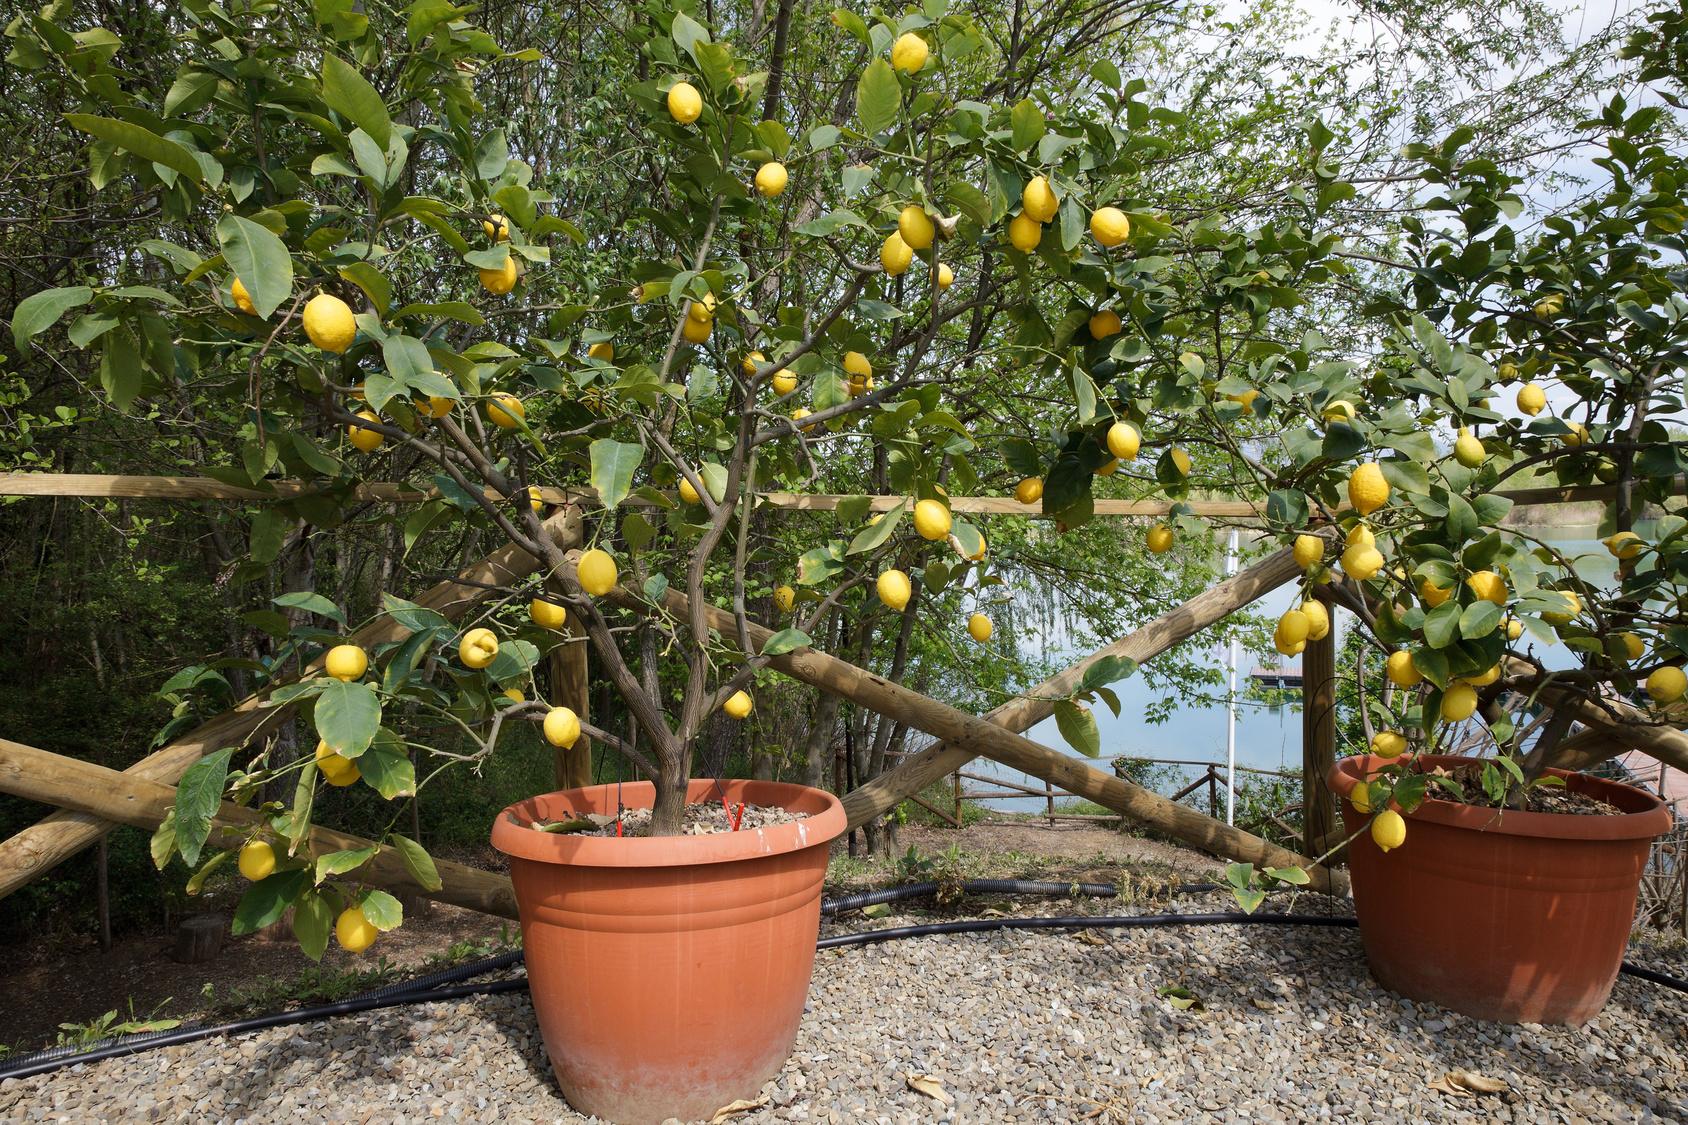 Agrumi in vaso le cure da riservare loro durante l 39 inverno for Coltivare limoni